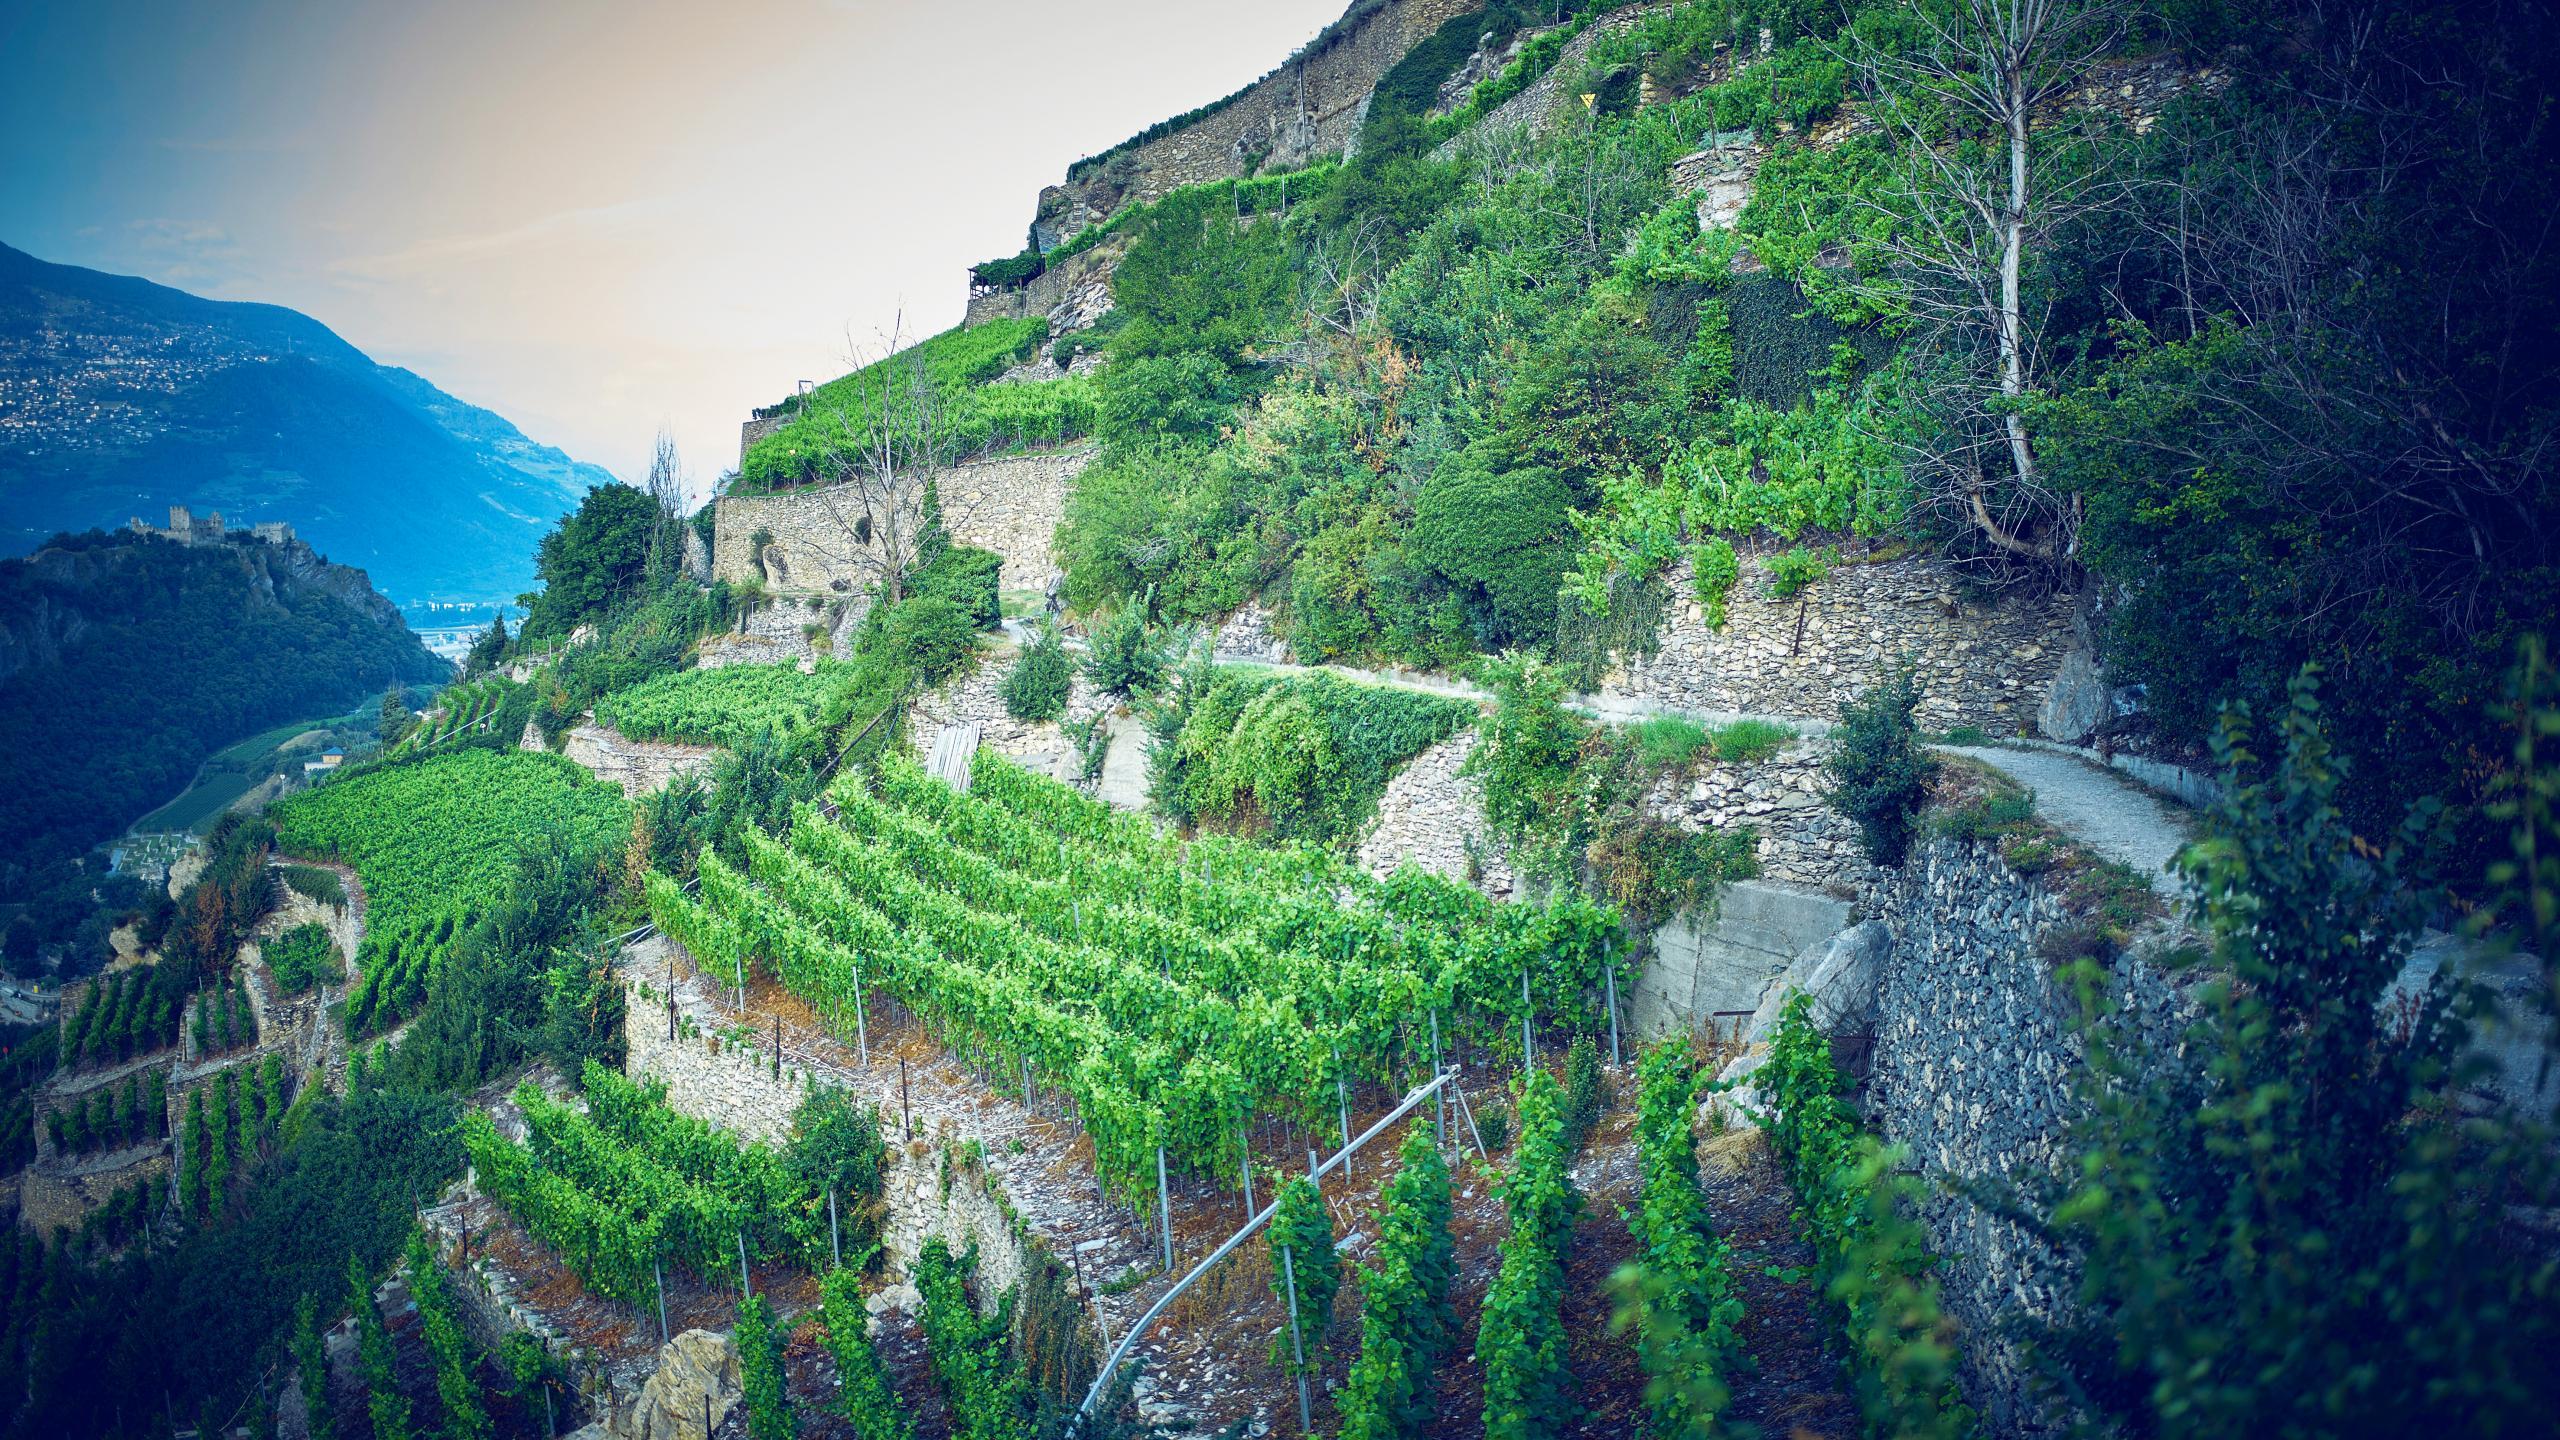 Accueil valais suisse for Jardin des vins 2016 sion